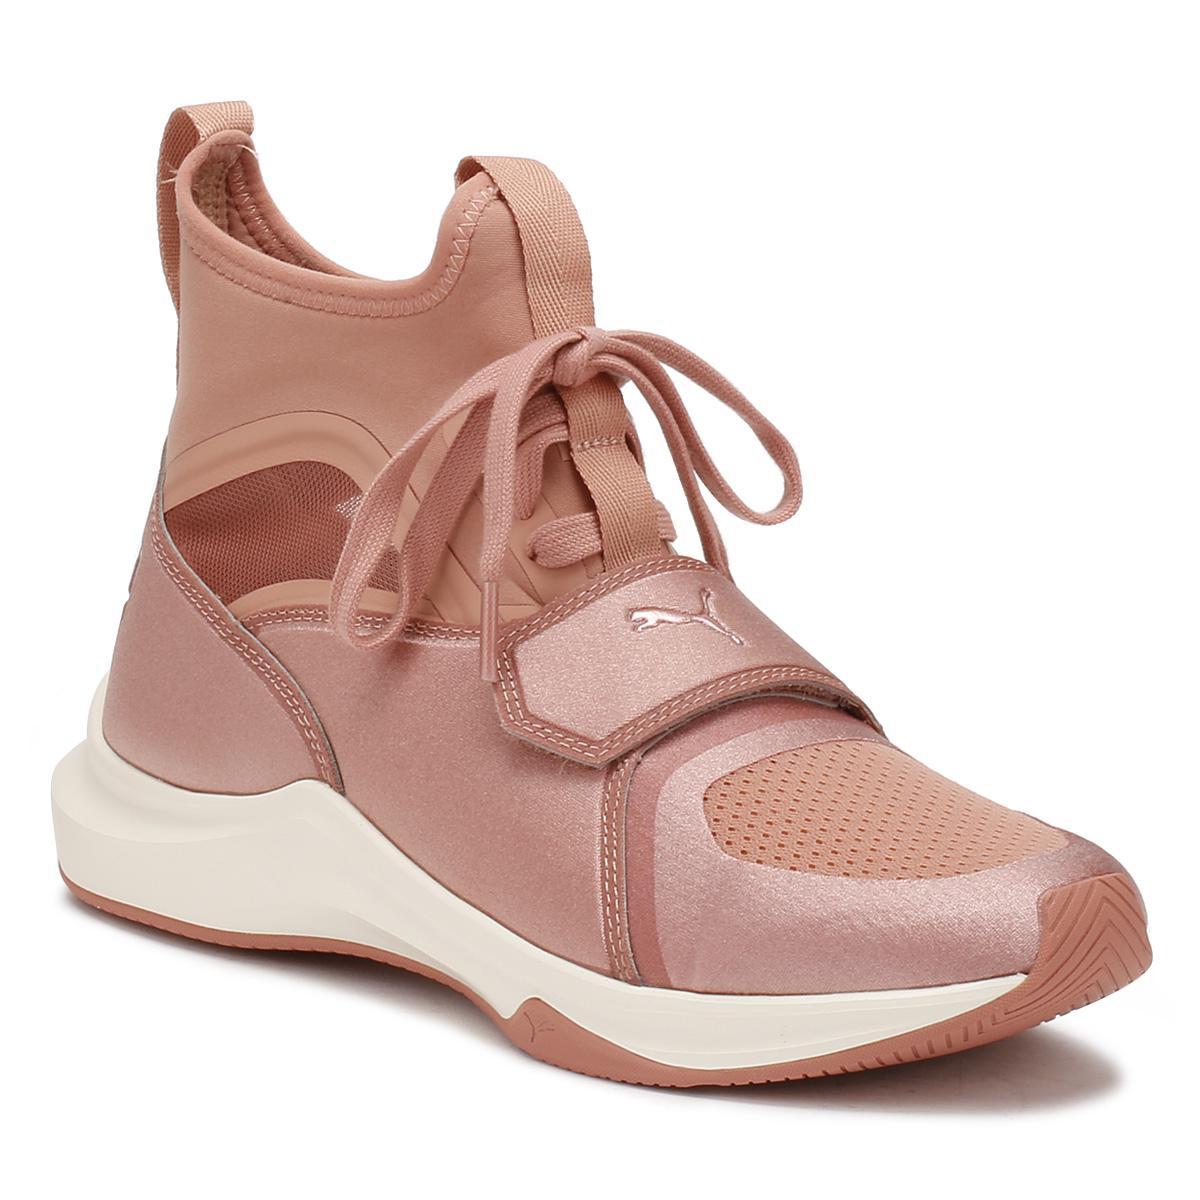 Paul Smith Shoes Sale